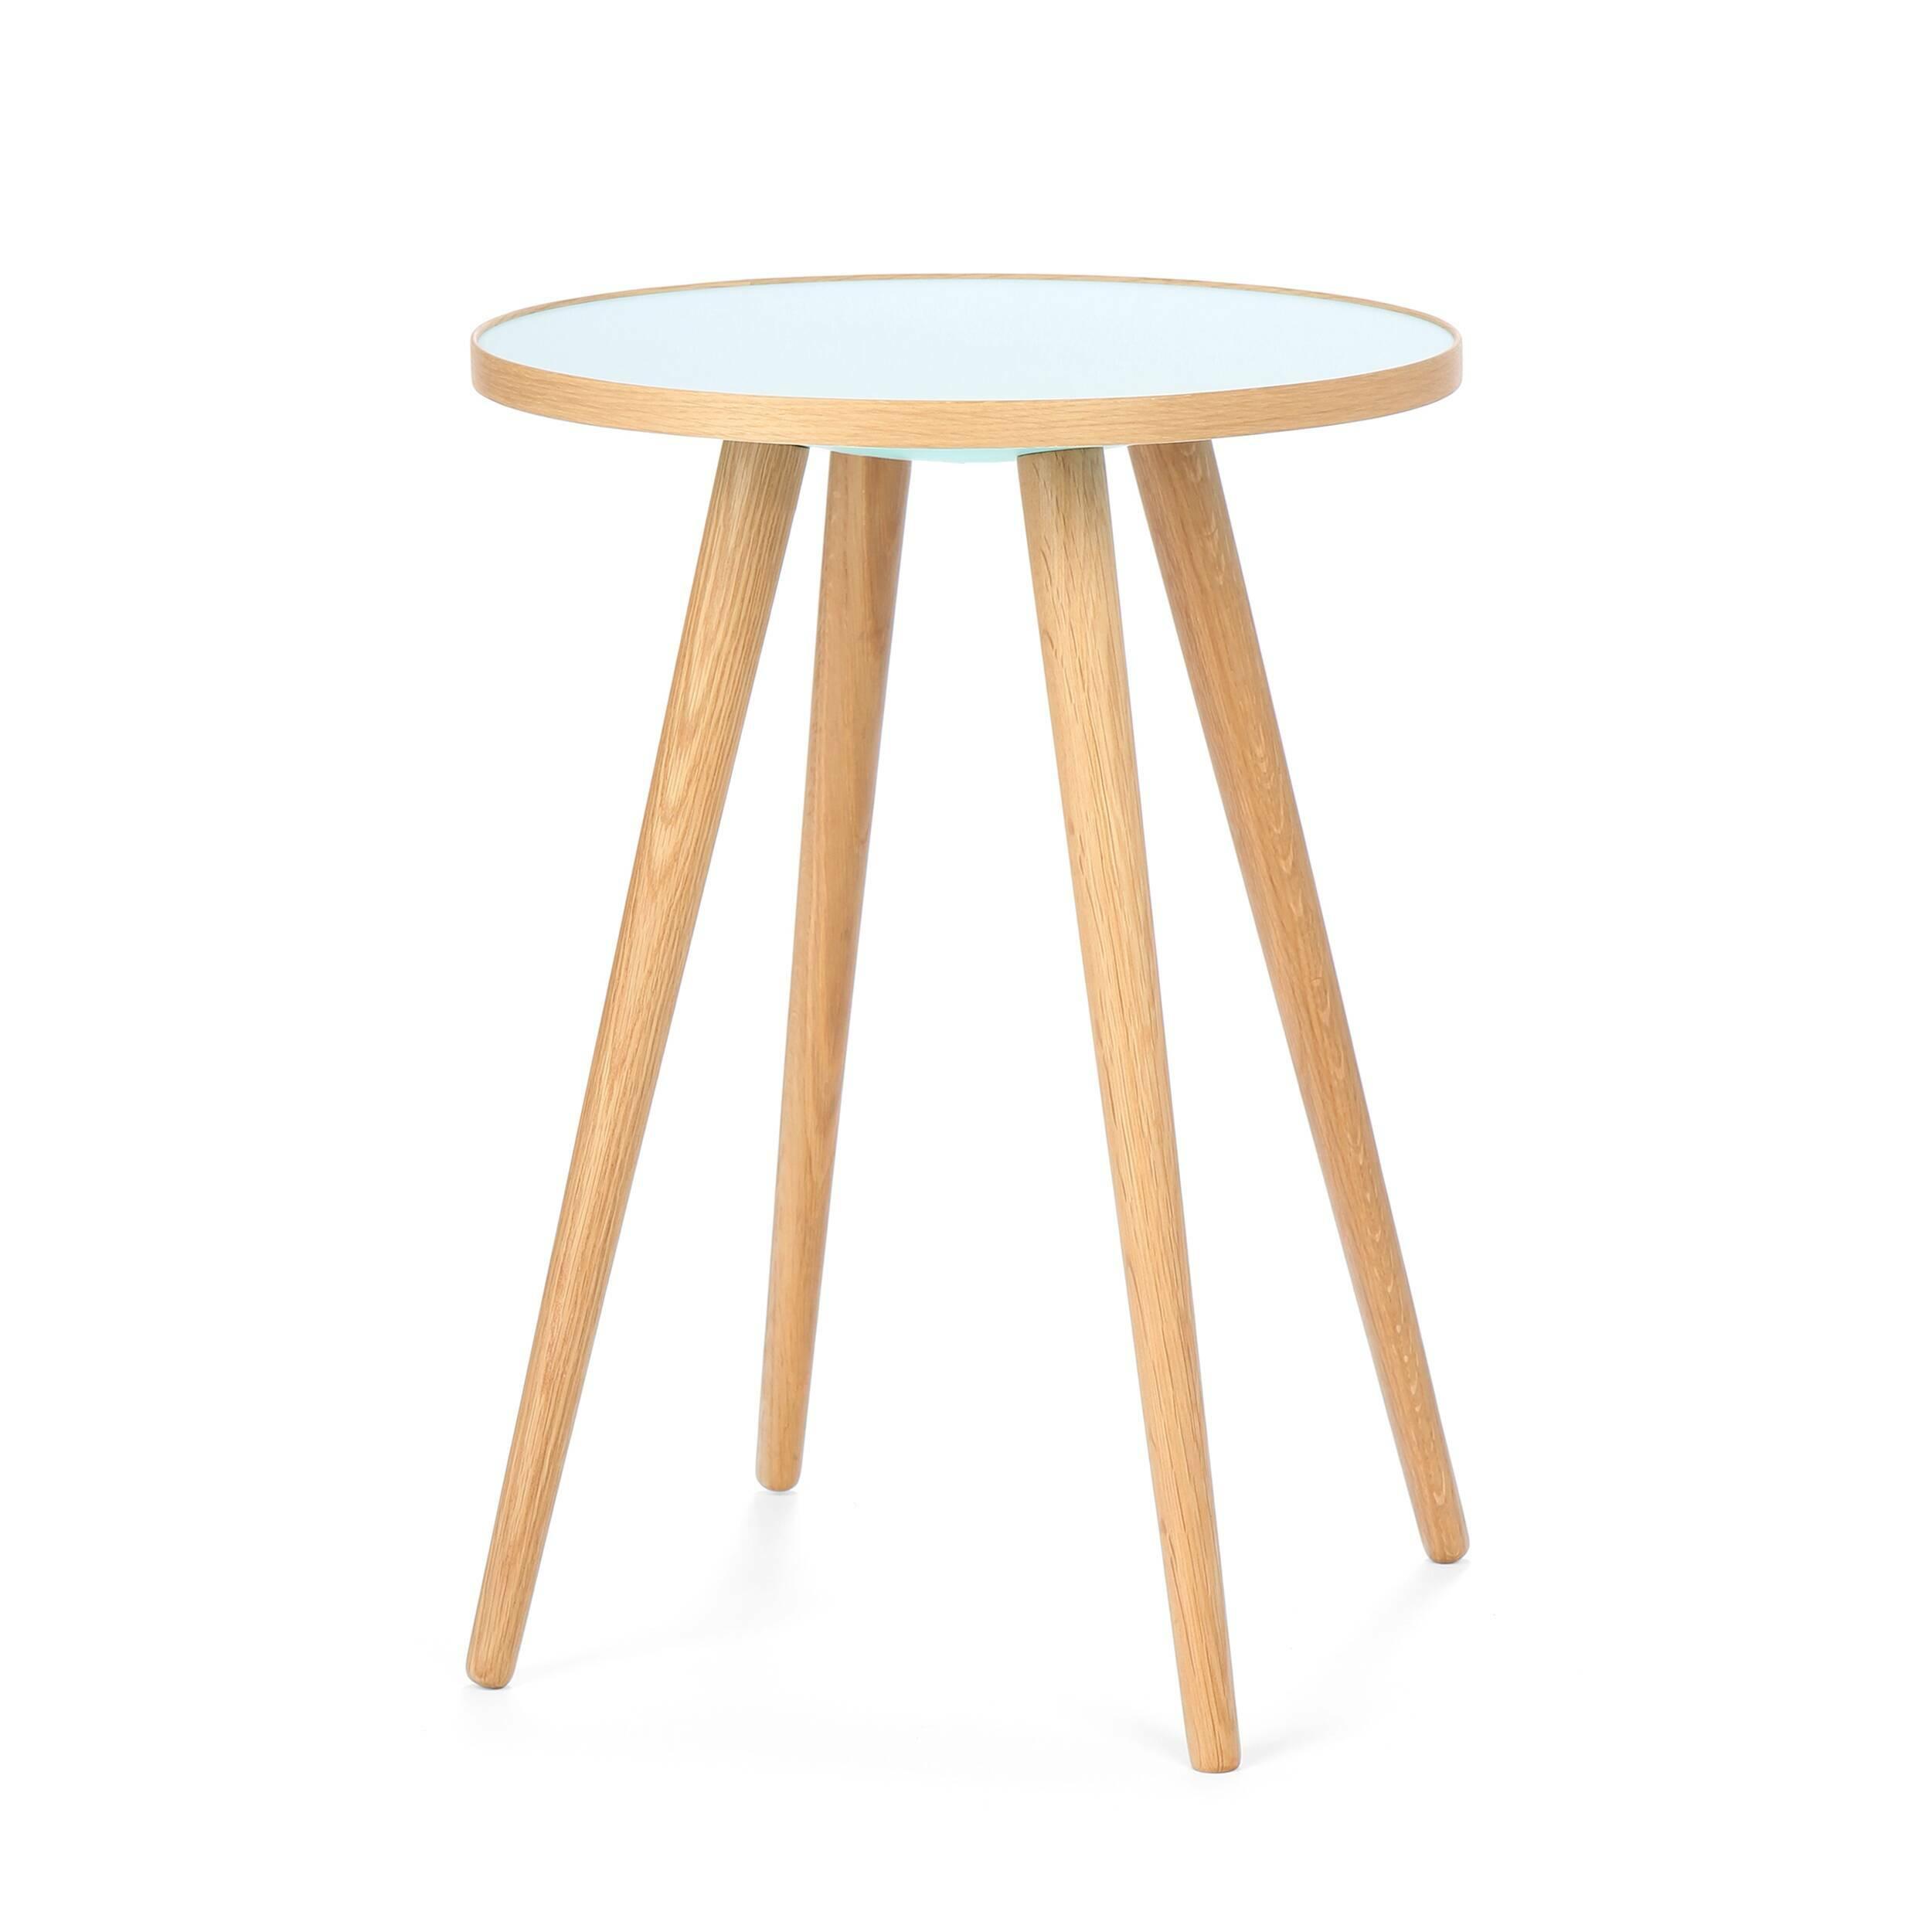 Кофейный стол Sputnik высота 55 диаметр 41 кофейный стол triple x высота 56